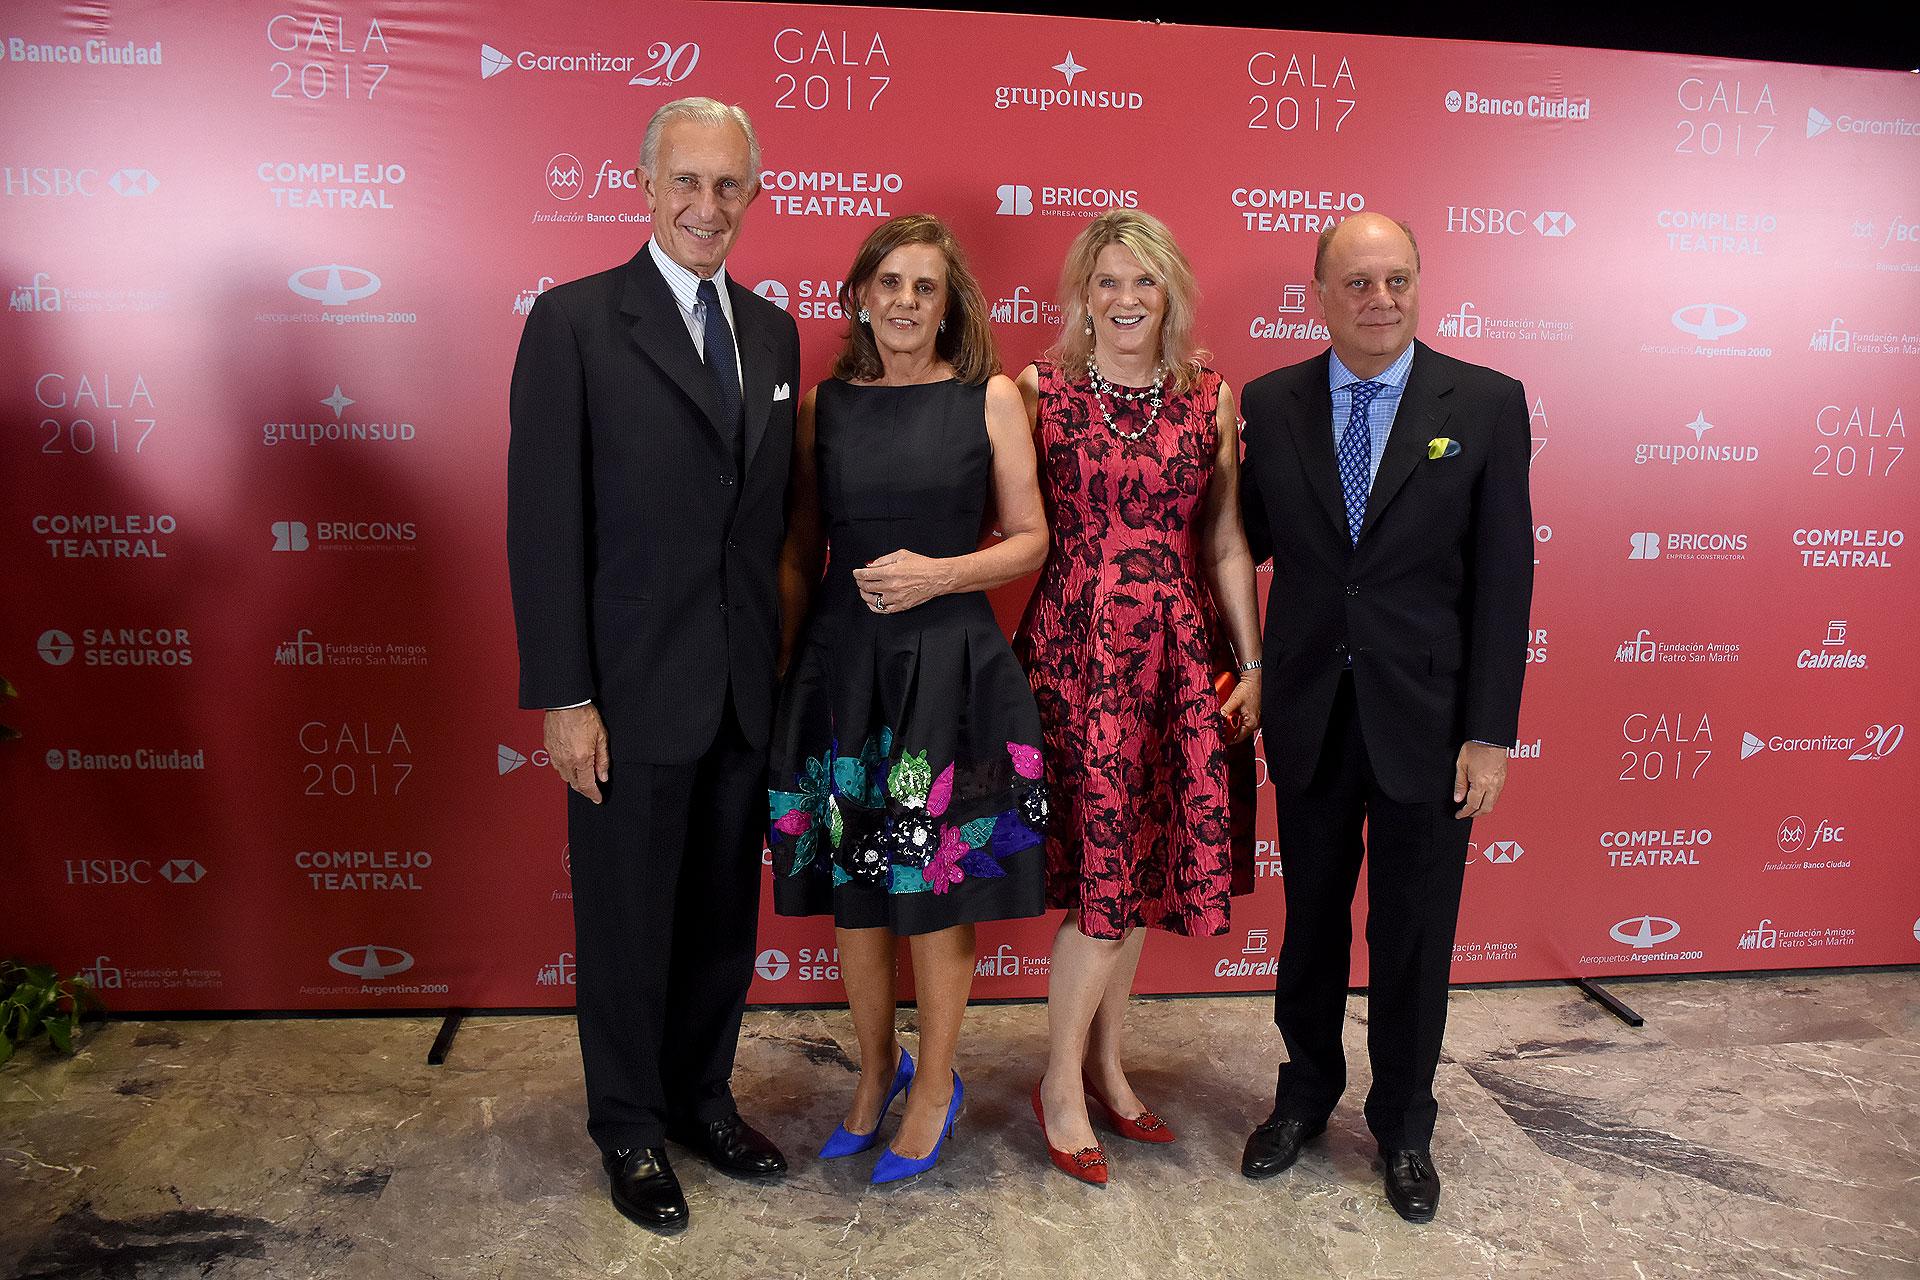 Jorge Neuss y Silvia Saravia de Neuss junto a Eva Soldati y Martín Cabrales